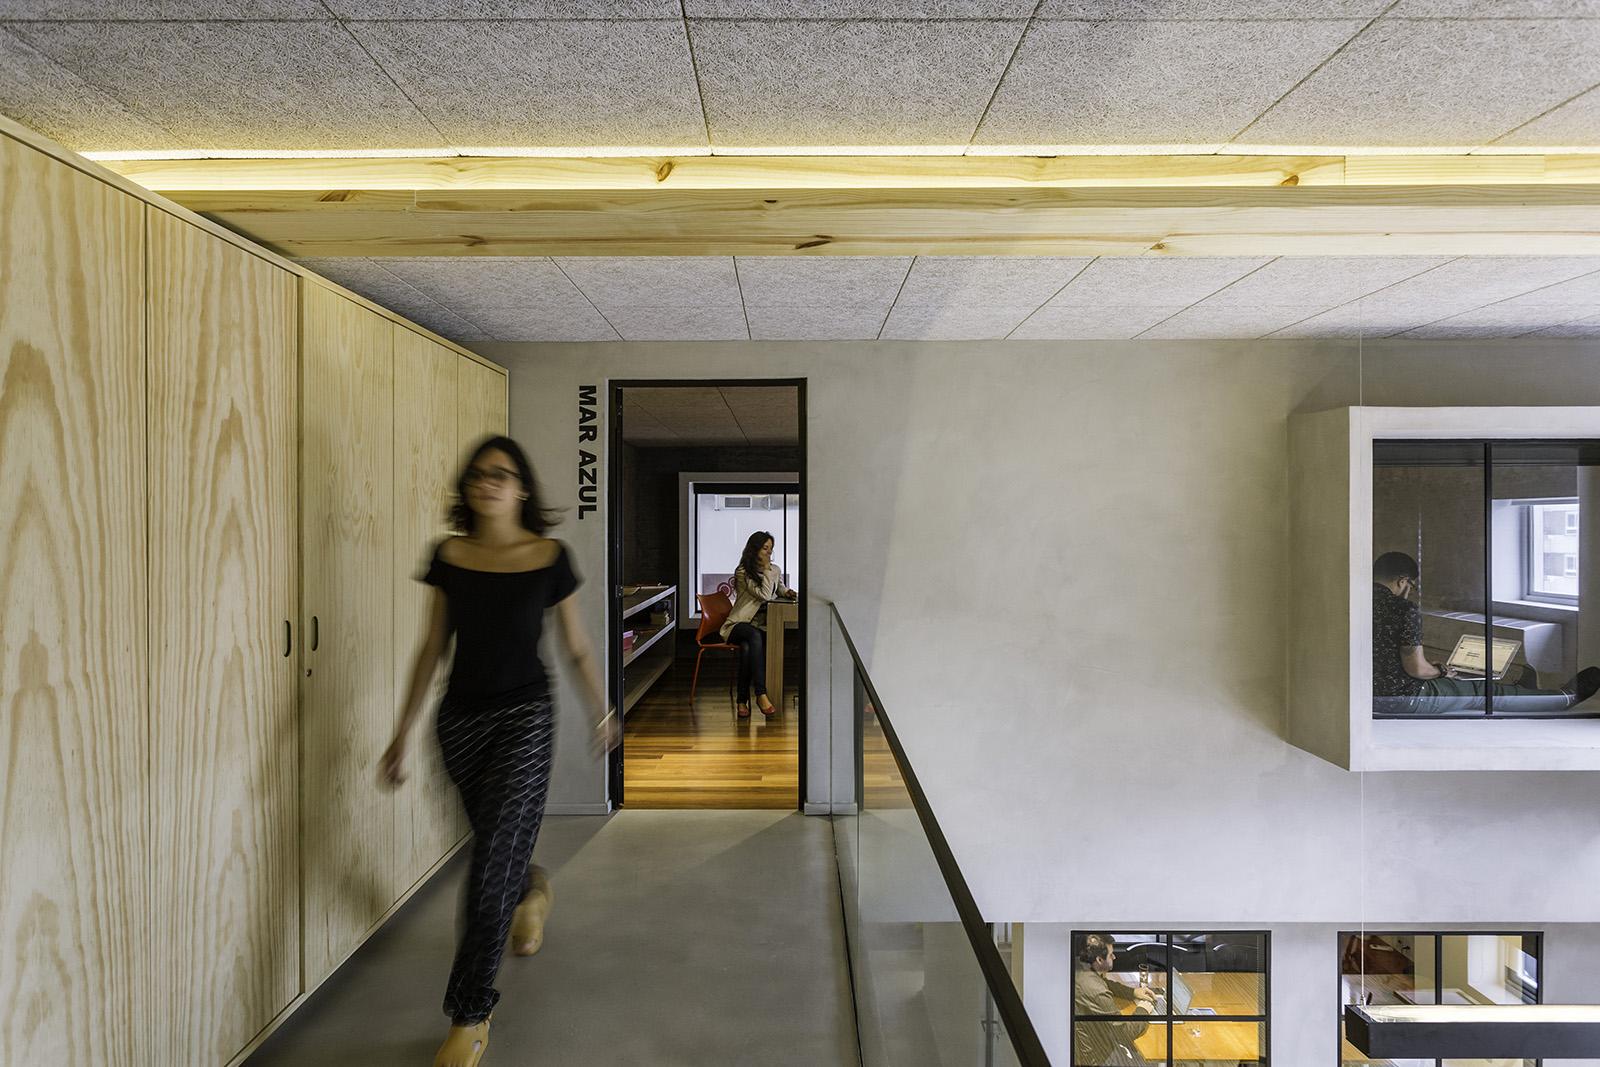 airbnb-sao-paulo-office-3